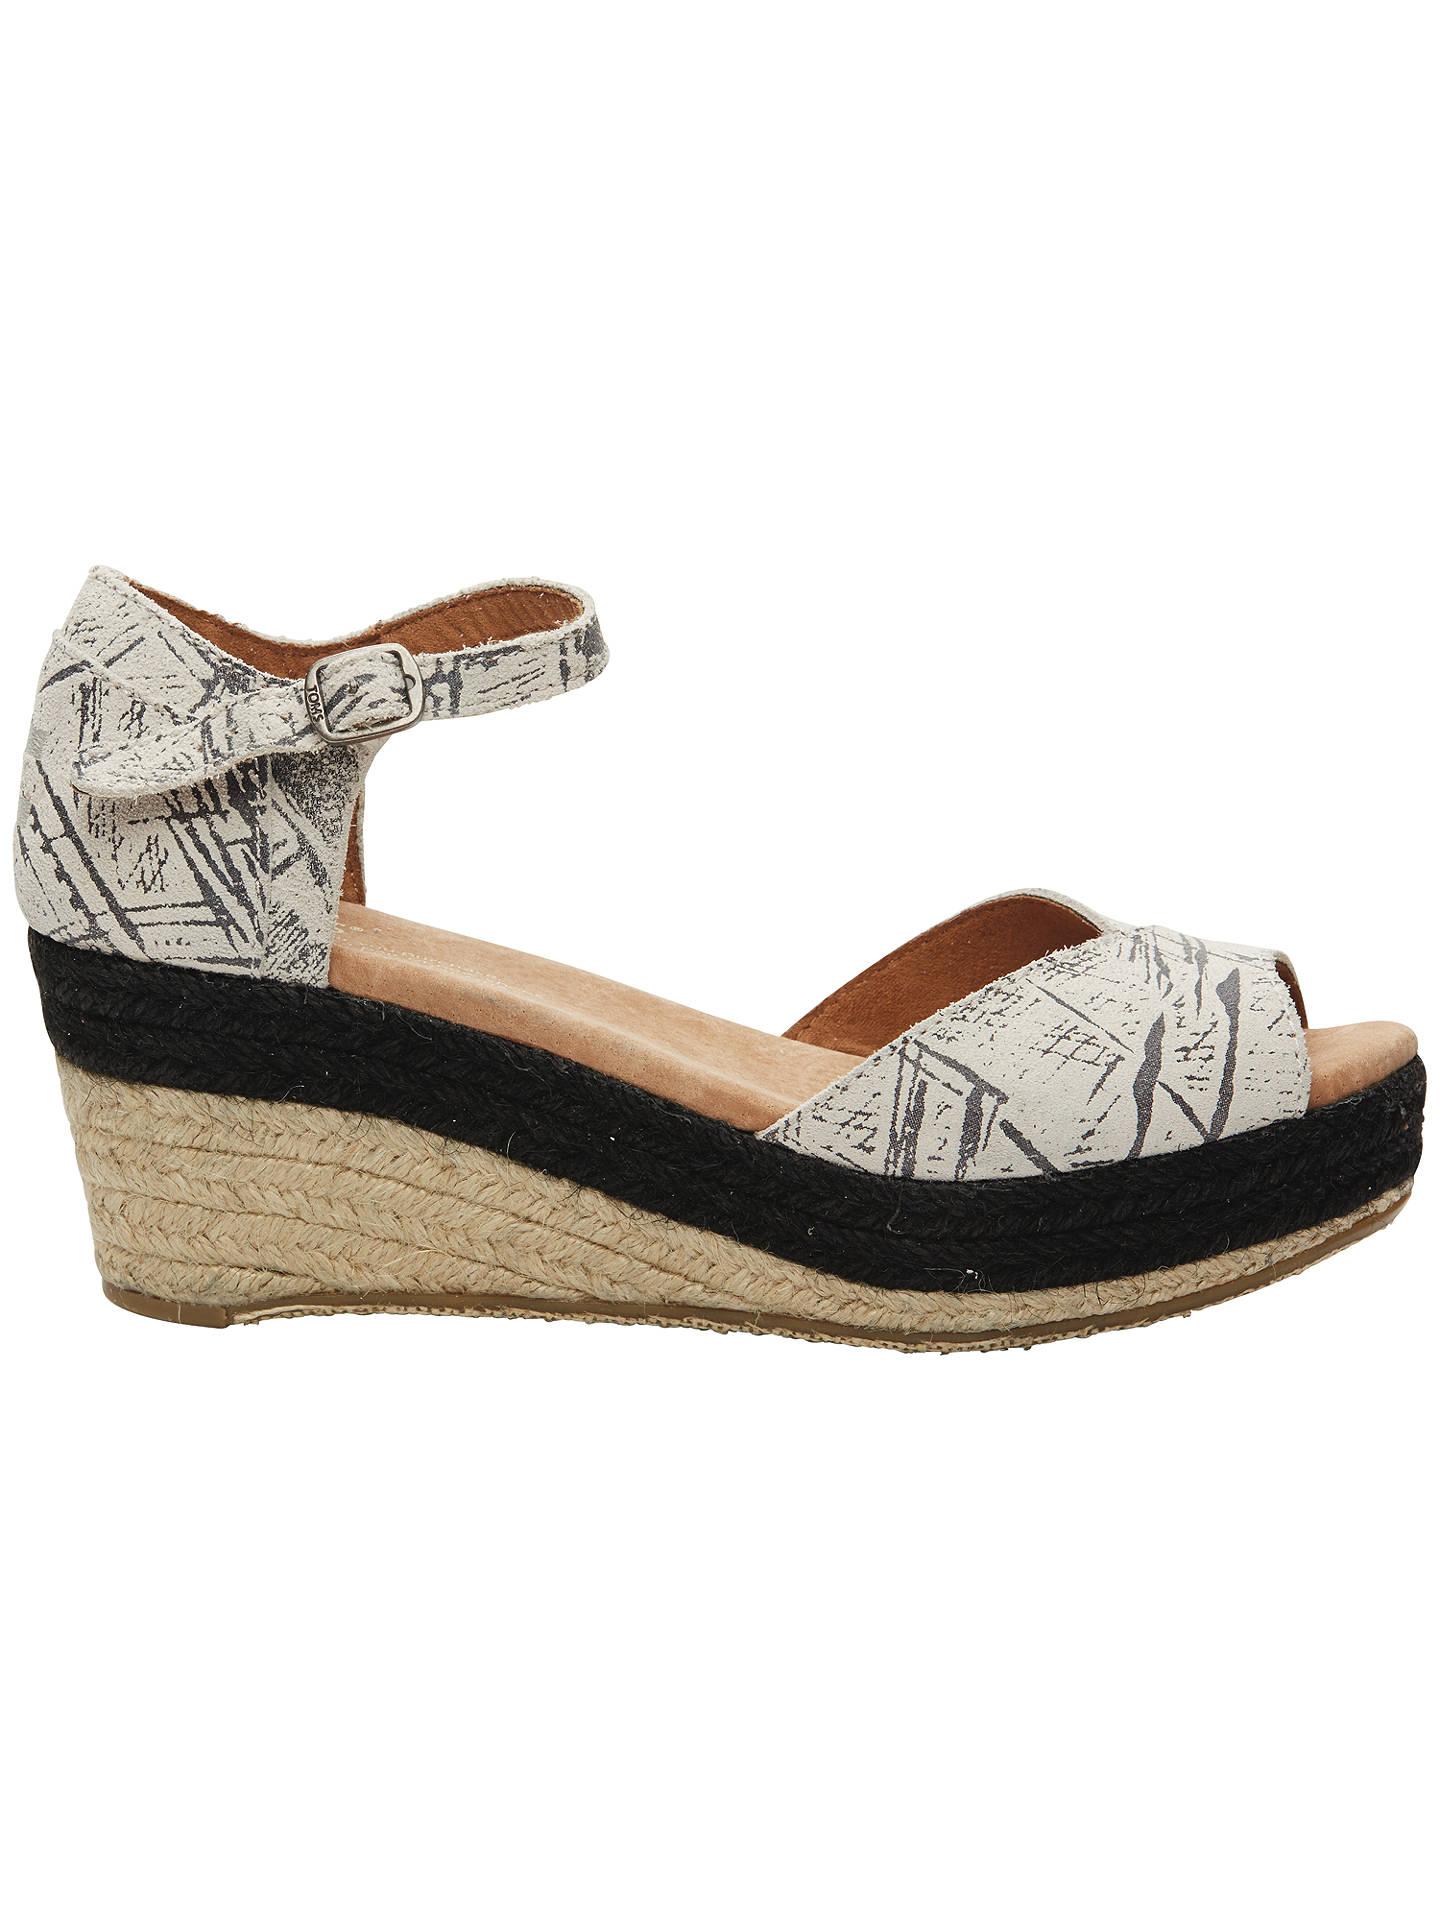 d197d530e9c Buy TOMS Platform Wedge Heeled Sandals